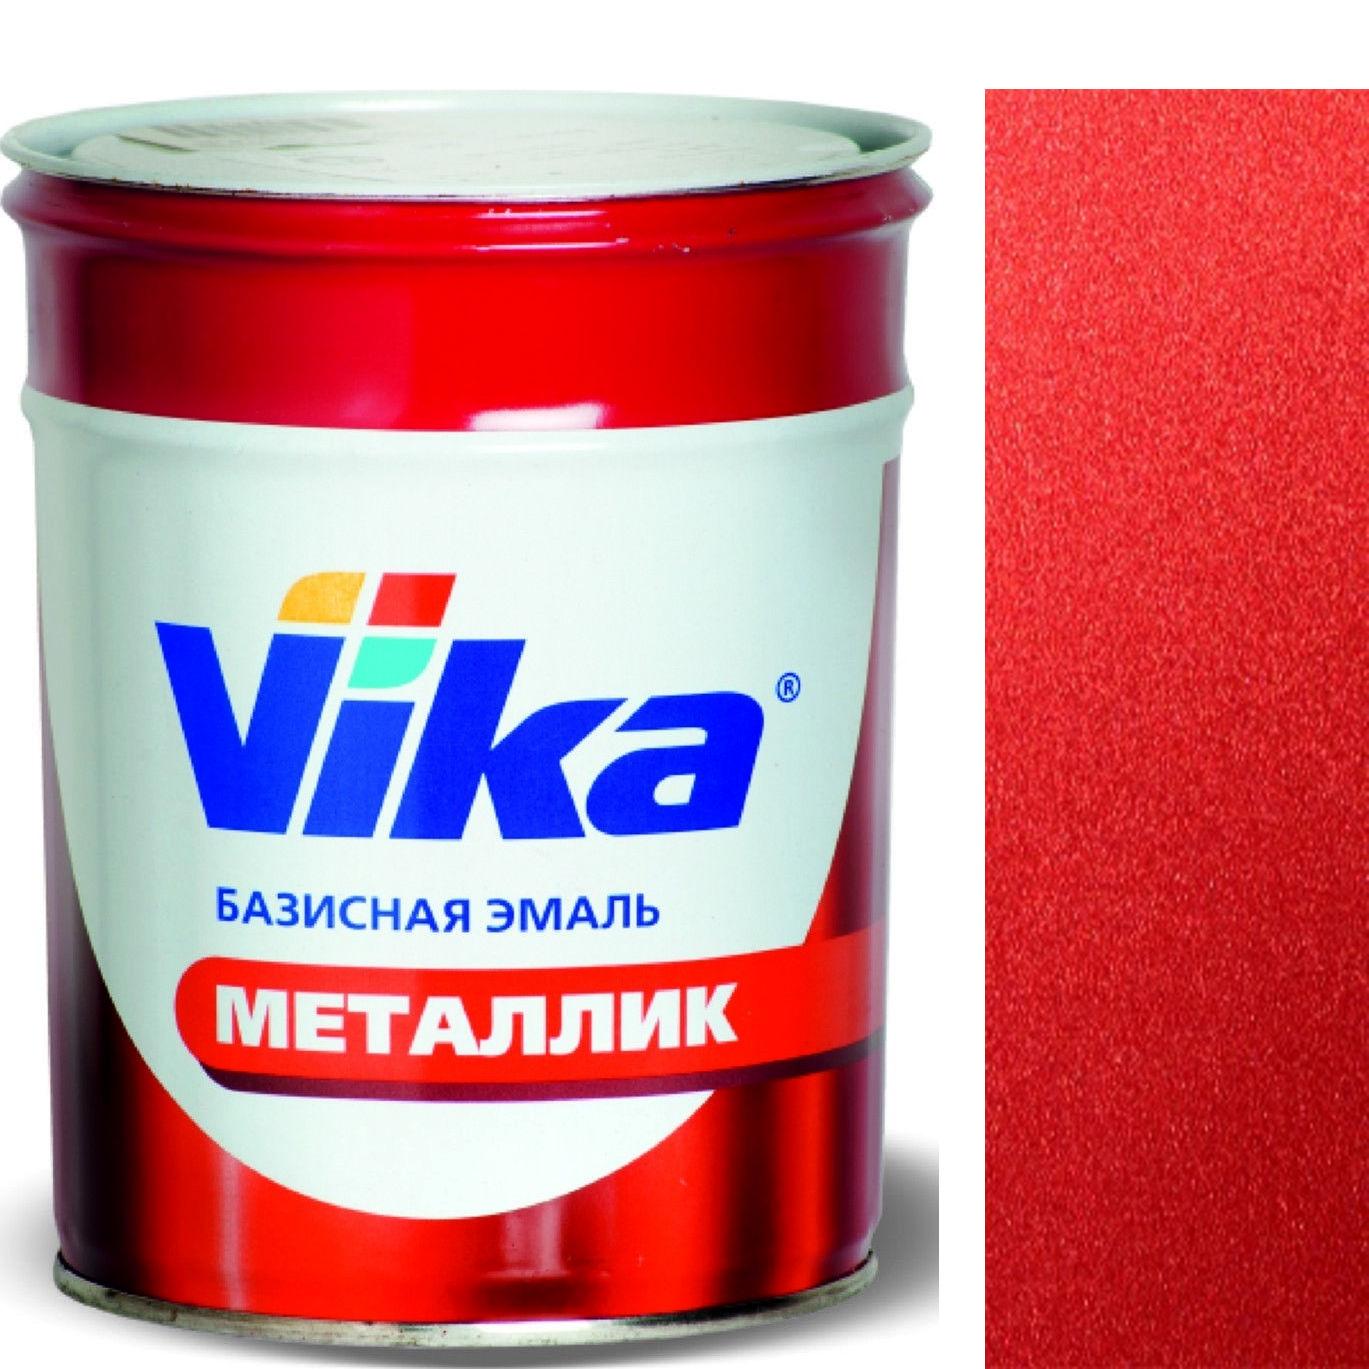 """Фото 4 - Автоэмаль """"Металлик"""" 104 Калина, профессиональная базовая,  """"Вика/Vika""""."""